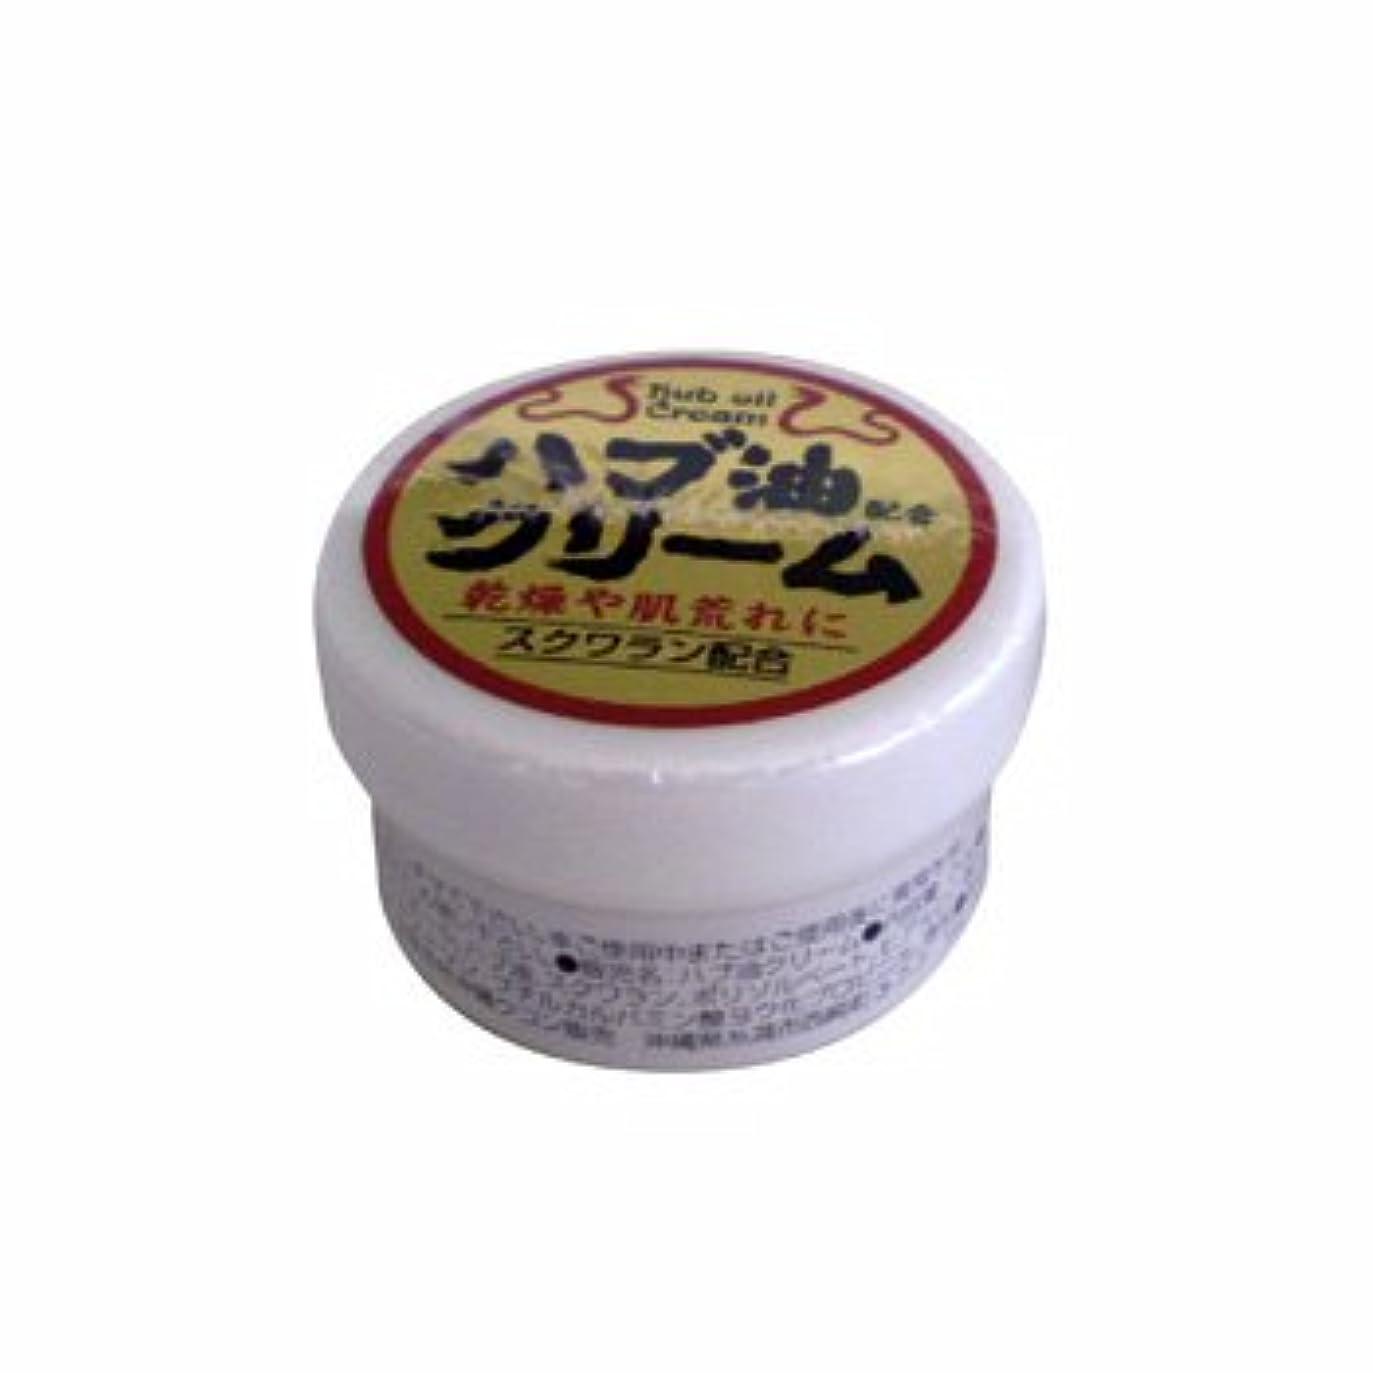 うまくやる()二十こねるハブ油配合クリーム 3個【1個?20g】